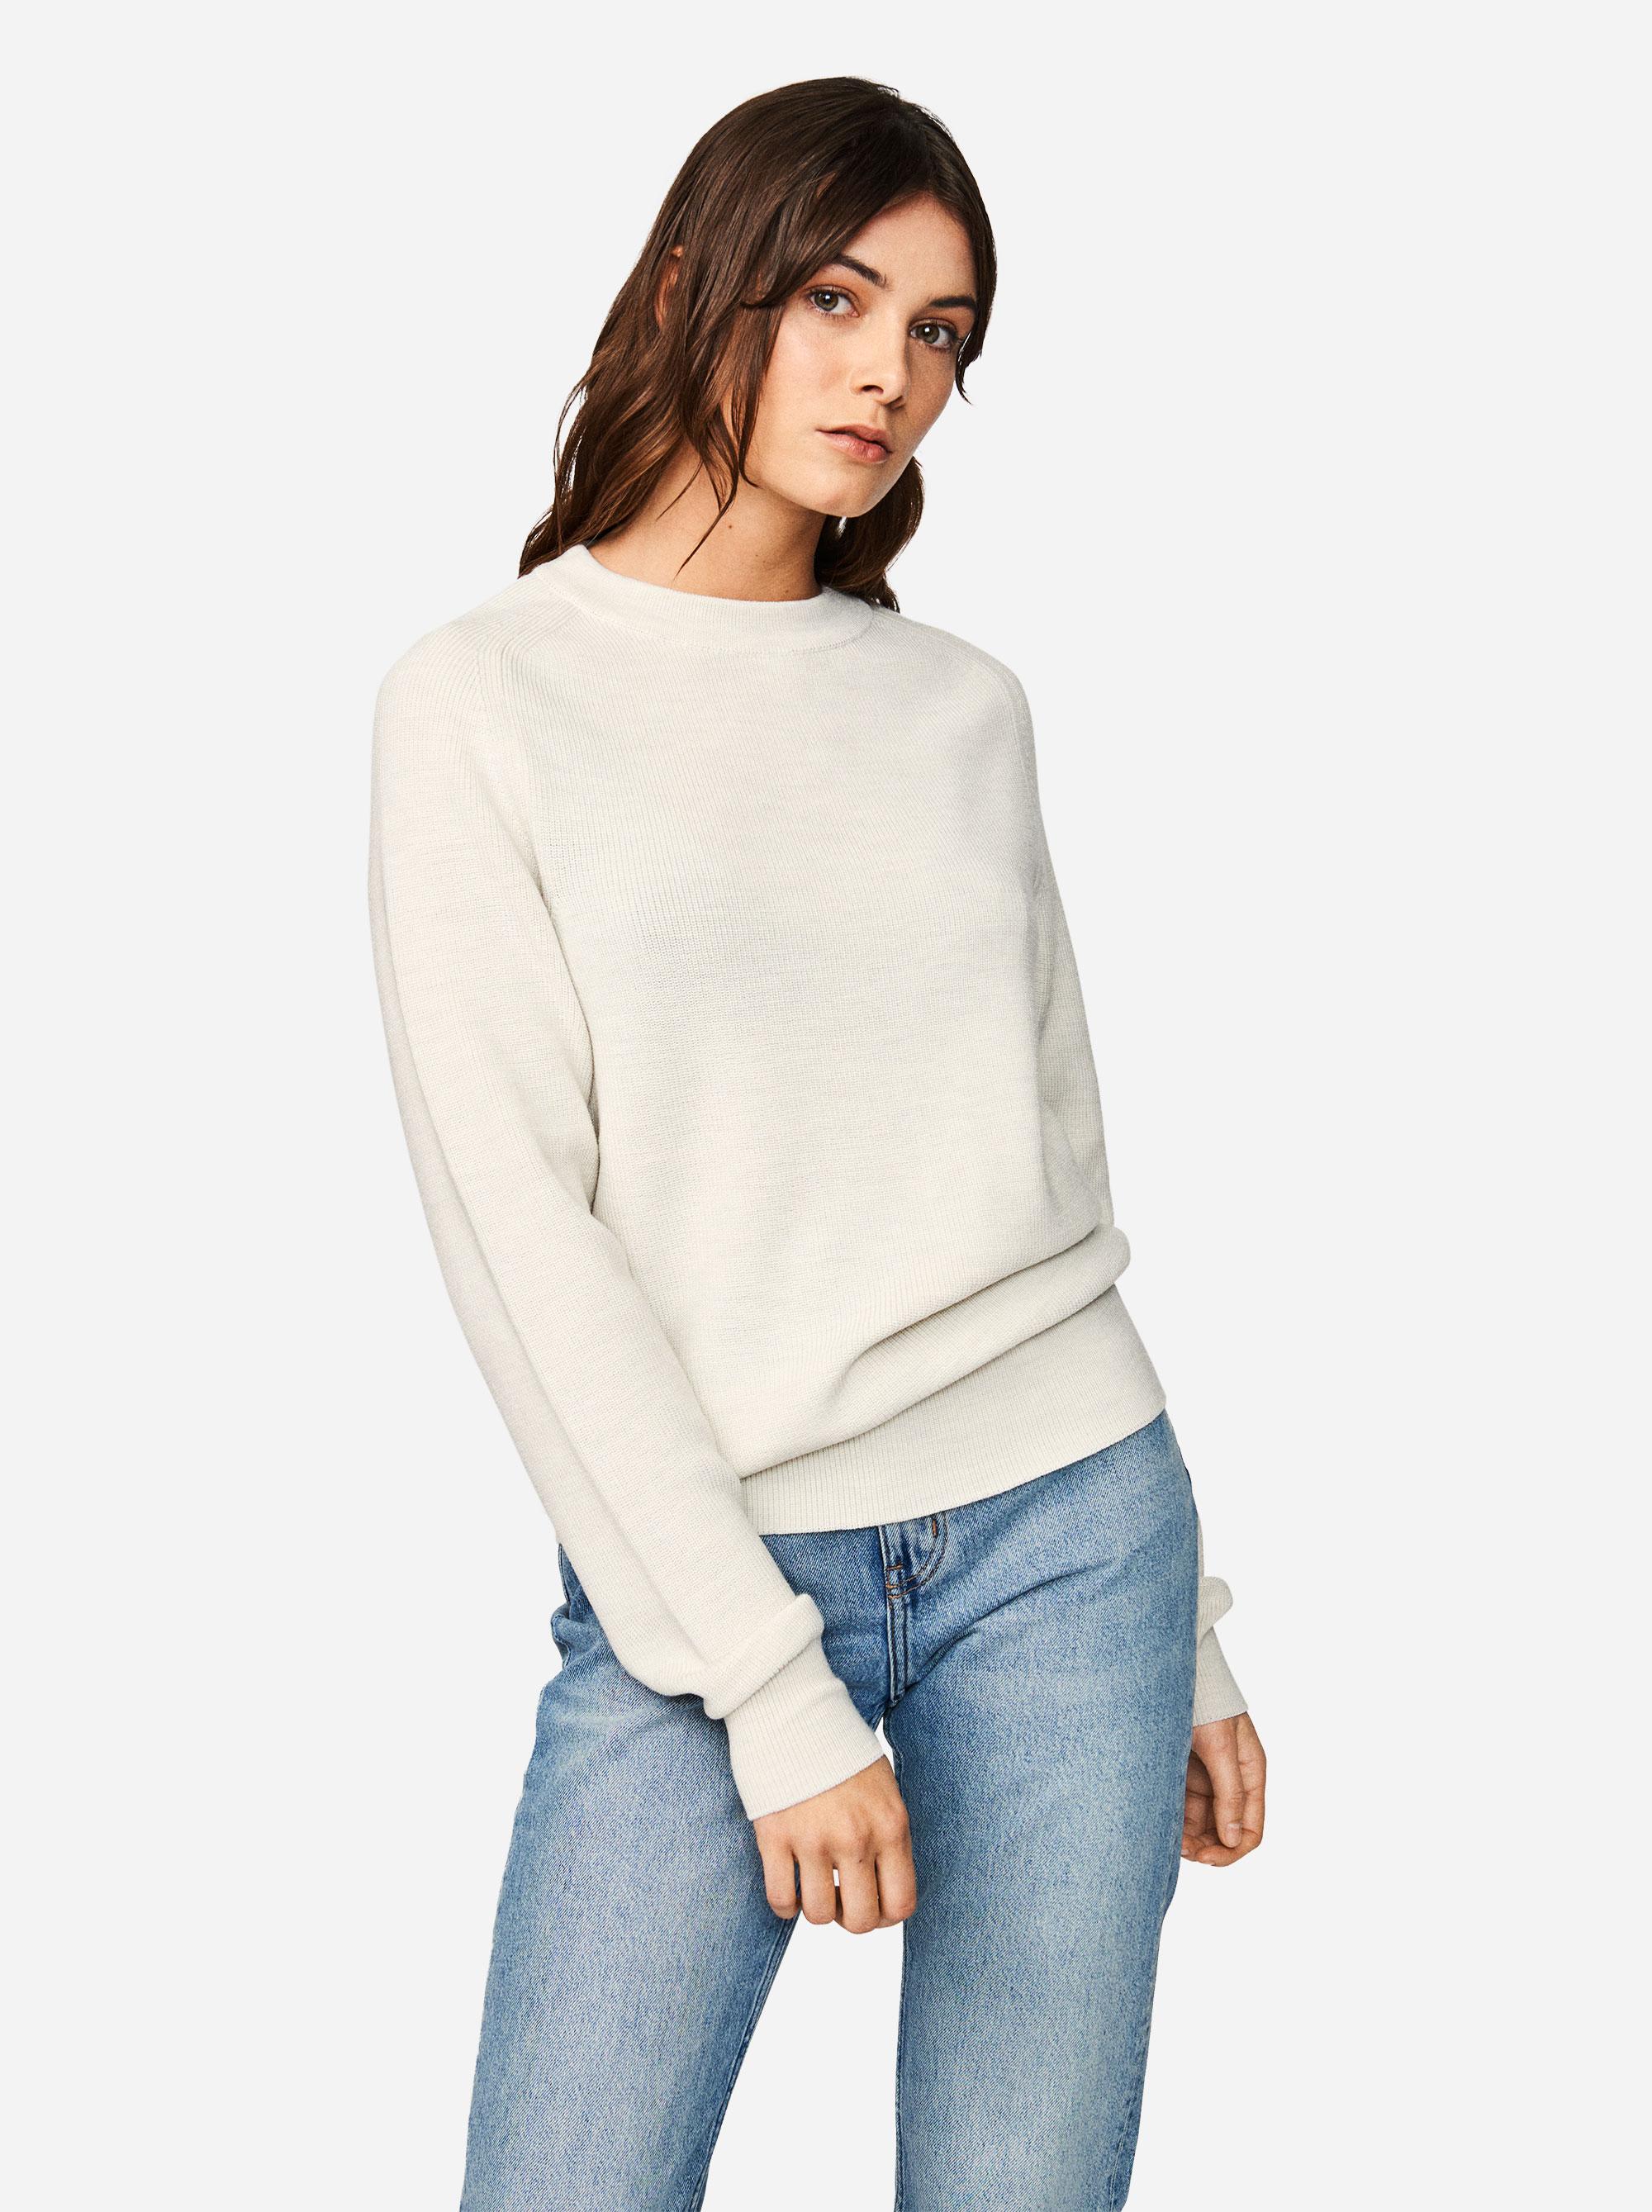 Teym - Crewneck - The Merino Sweater - Women - White - 2